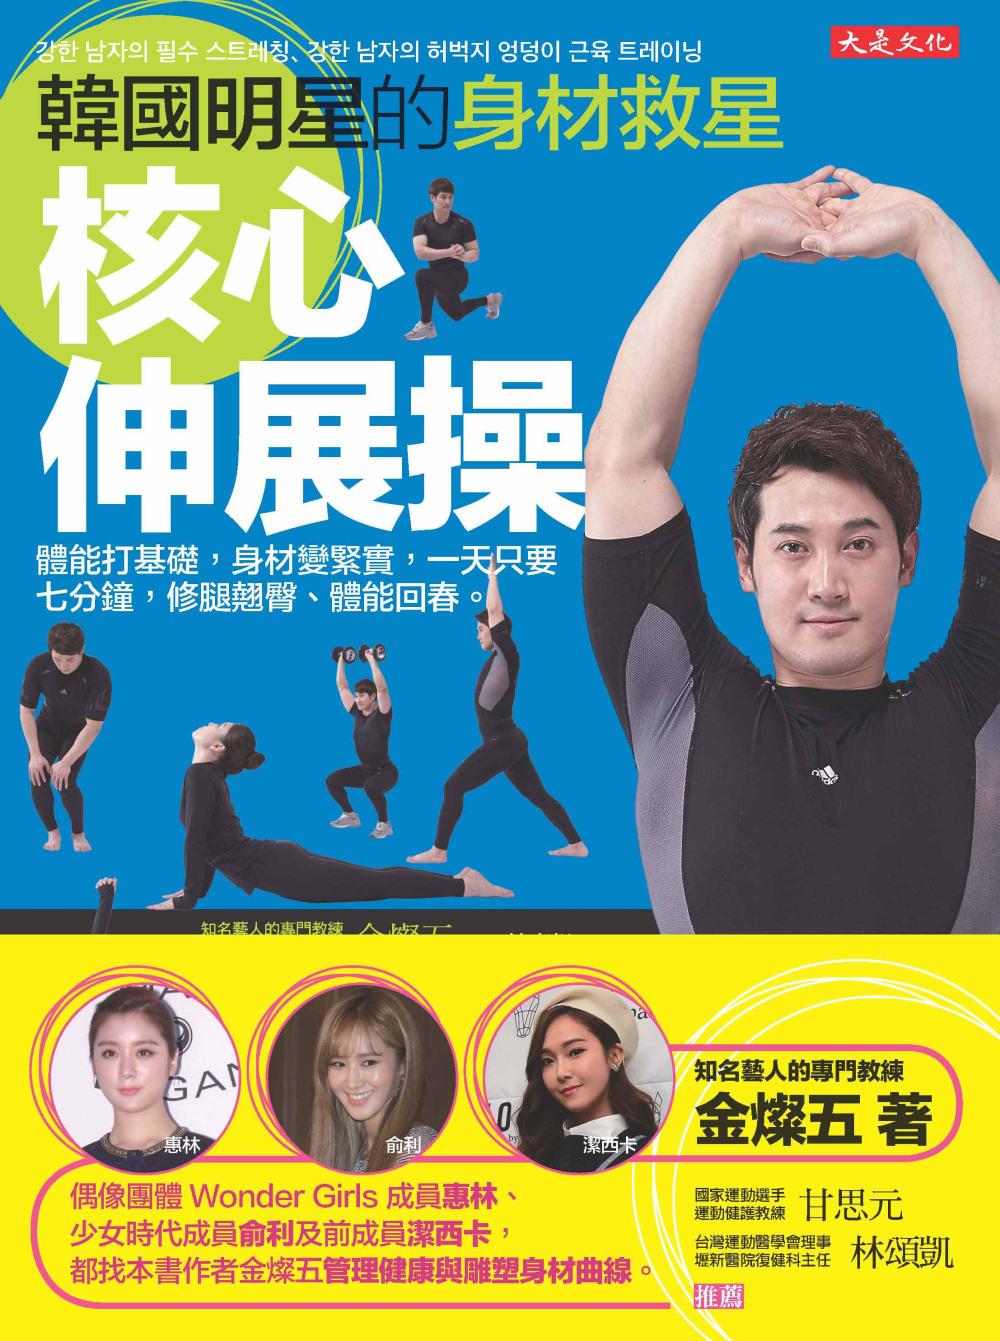 韓國明星的身材救星:核心伸展操 體能打基礎,身材變緊實,一天只要七分鐘,修腿翹臀、體能回春。